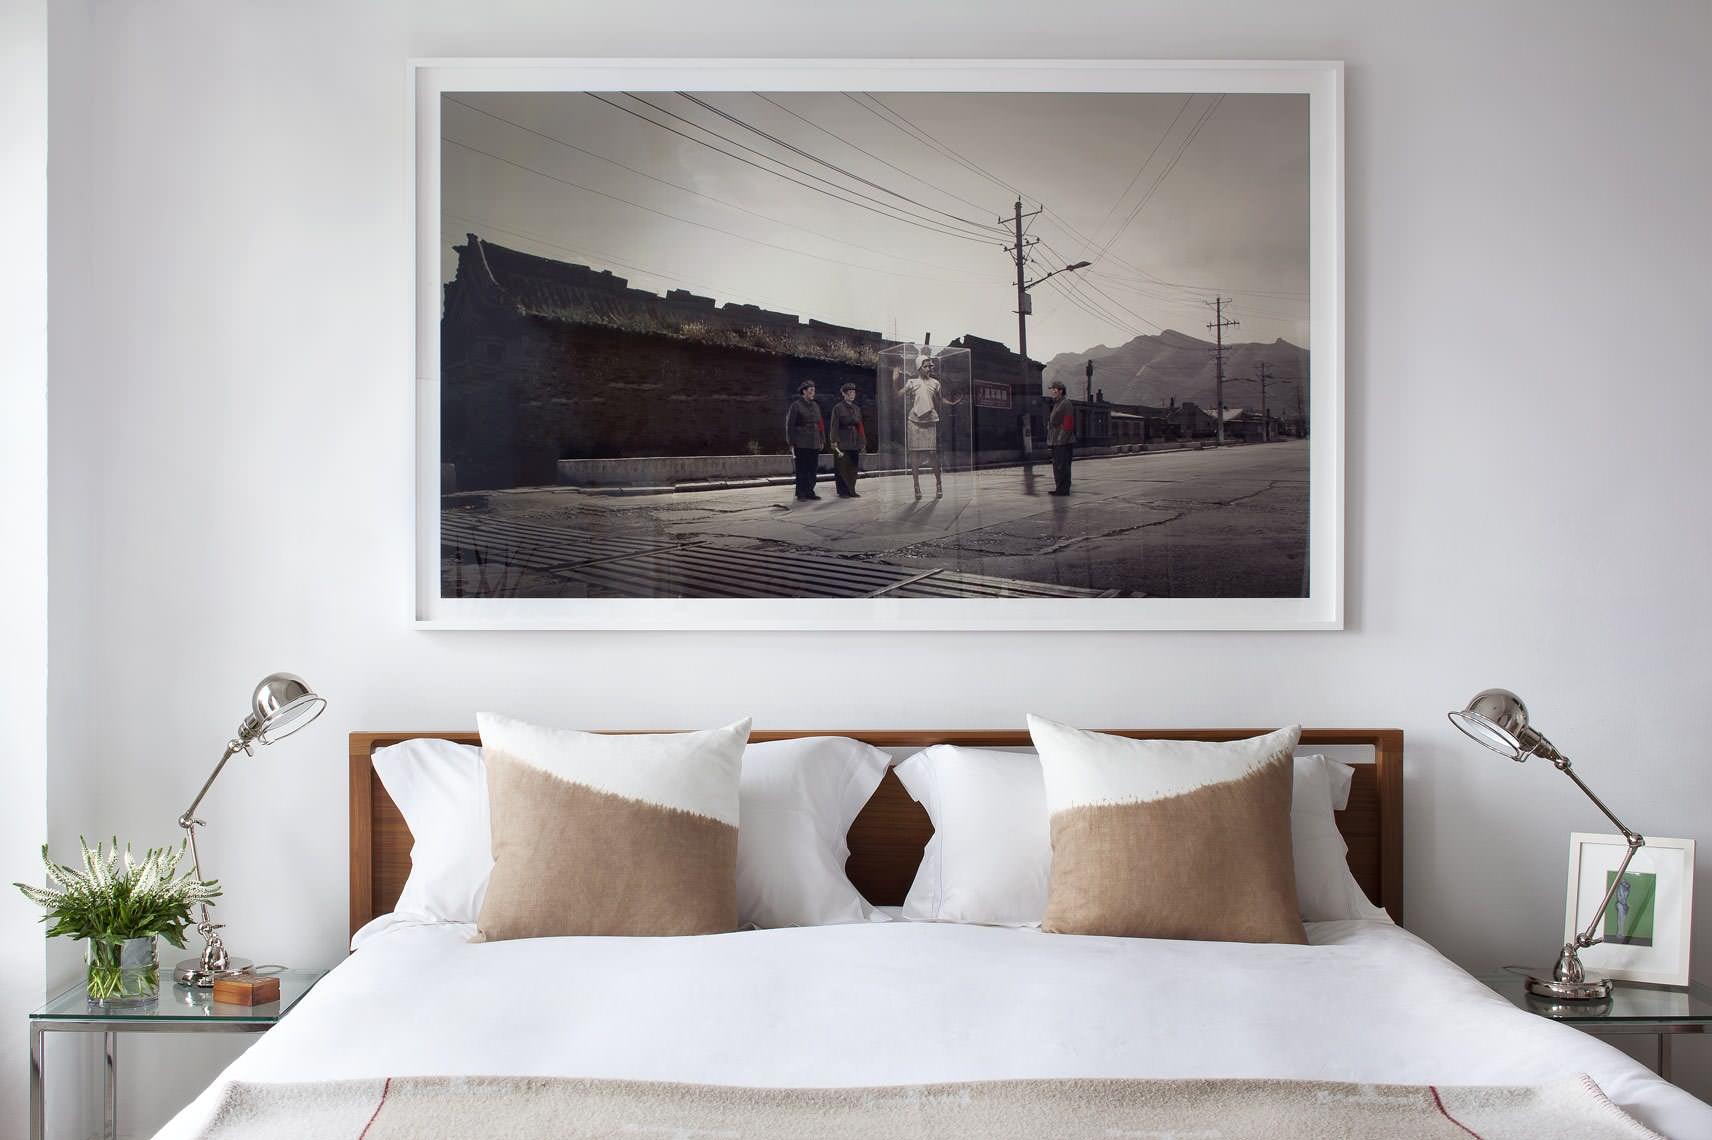 Большая картина в изголовье кровати